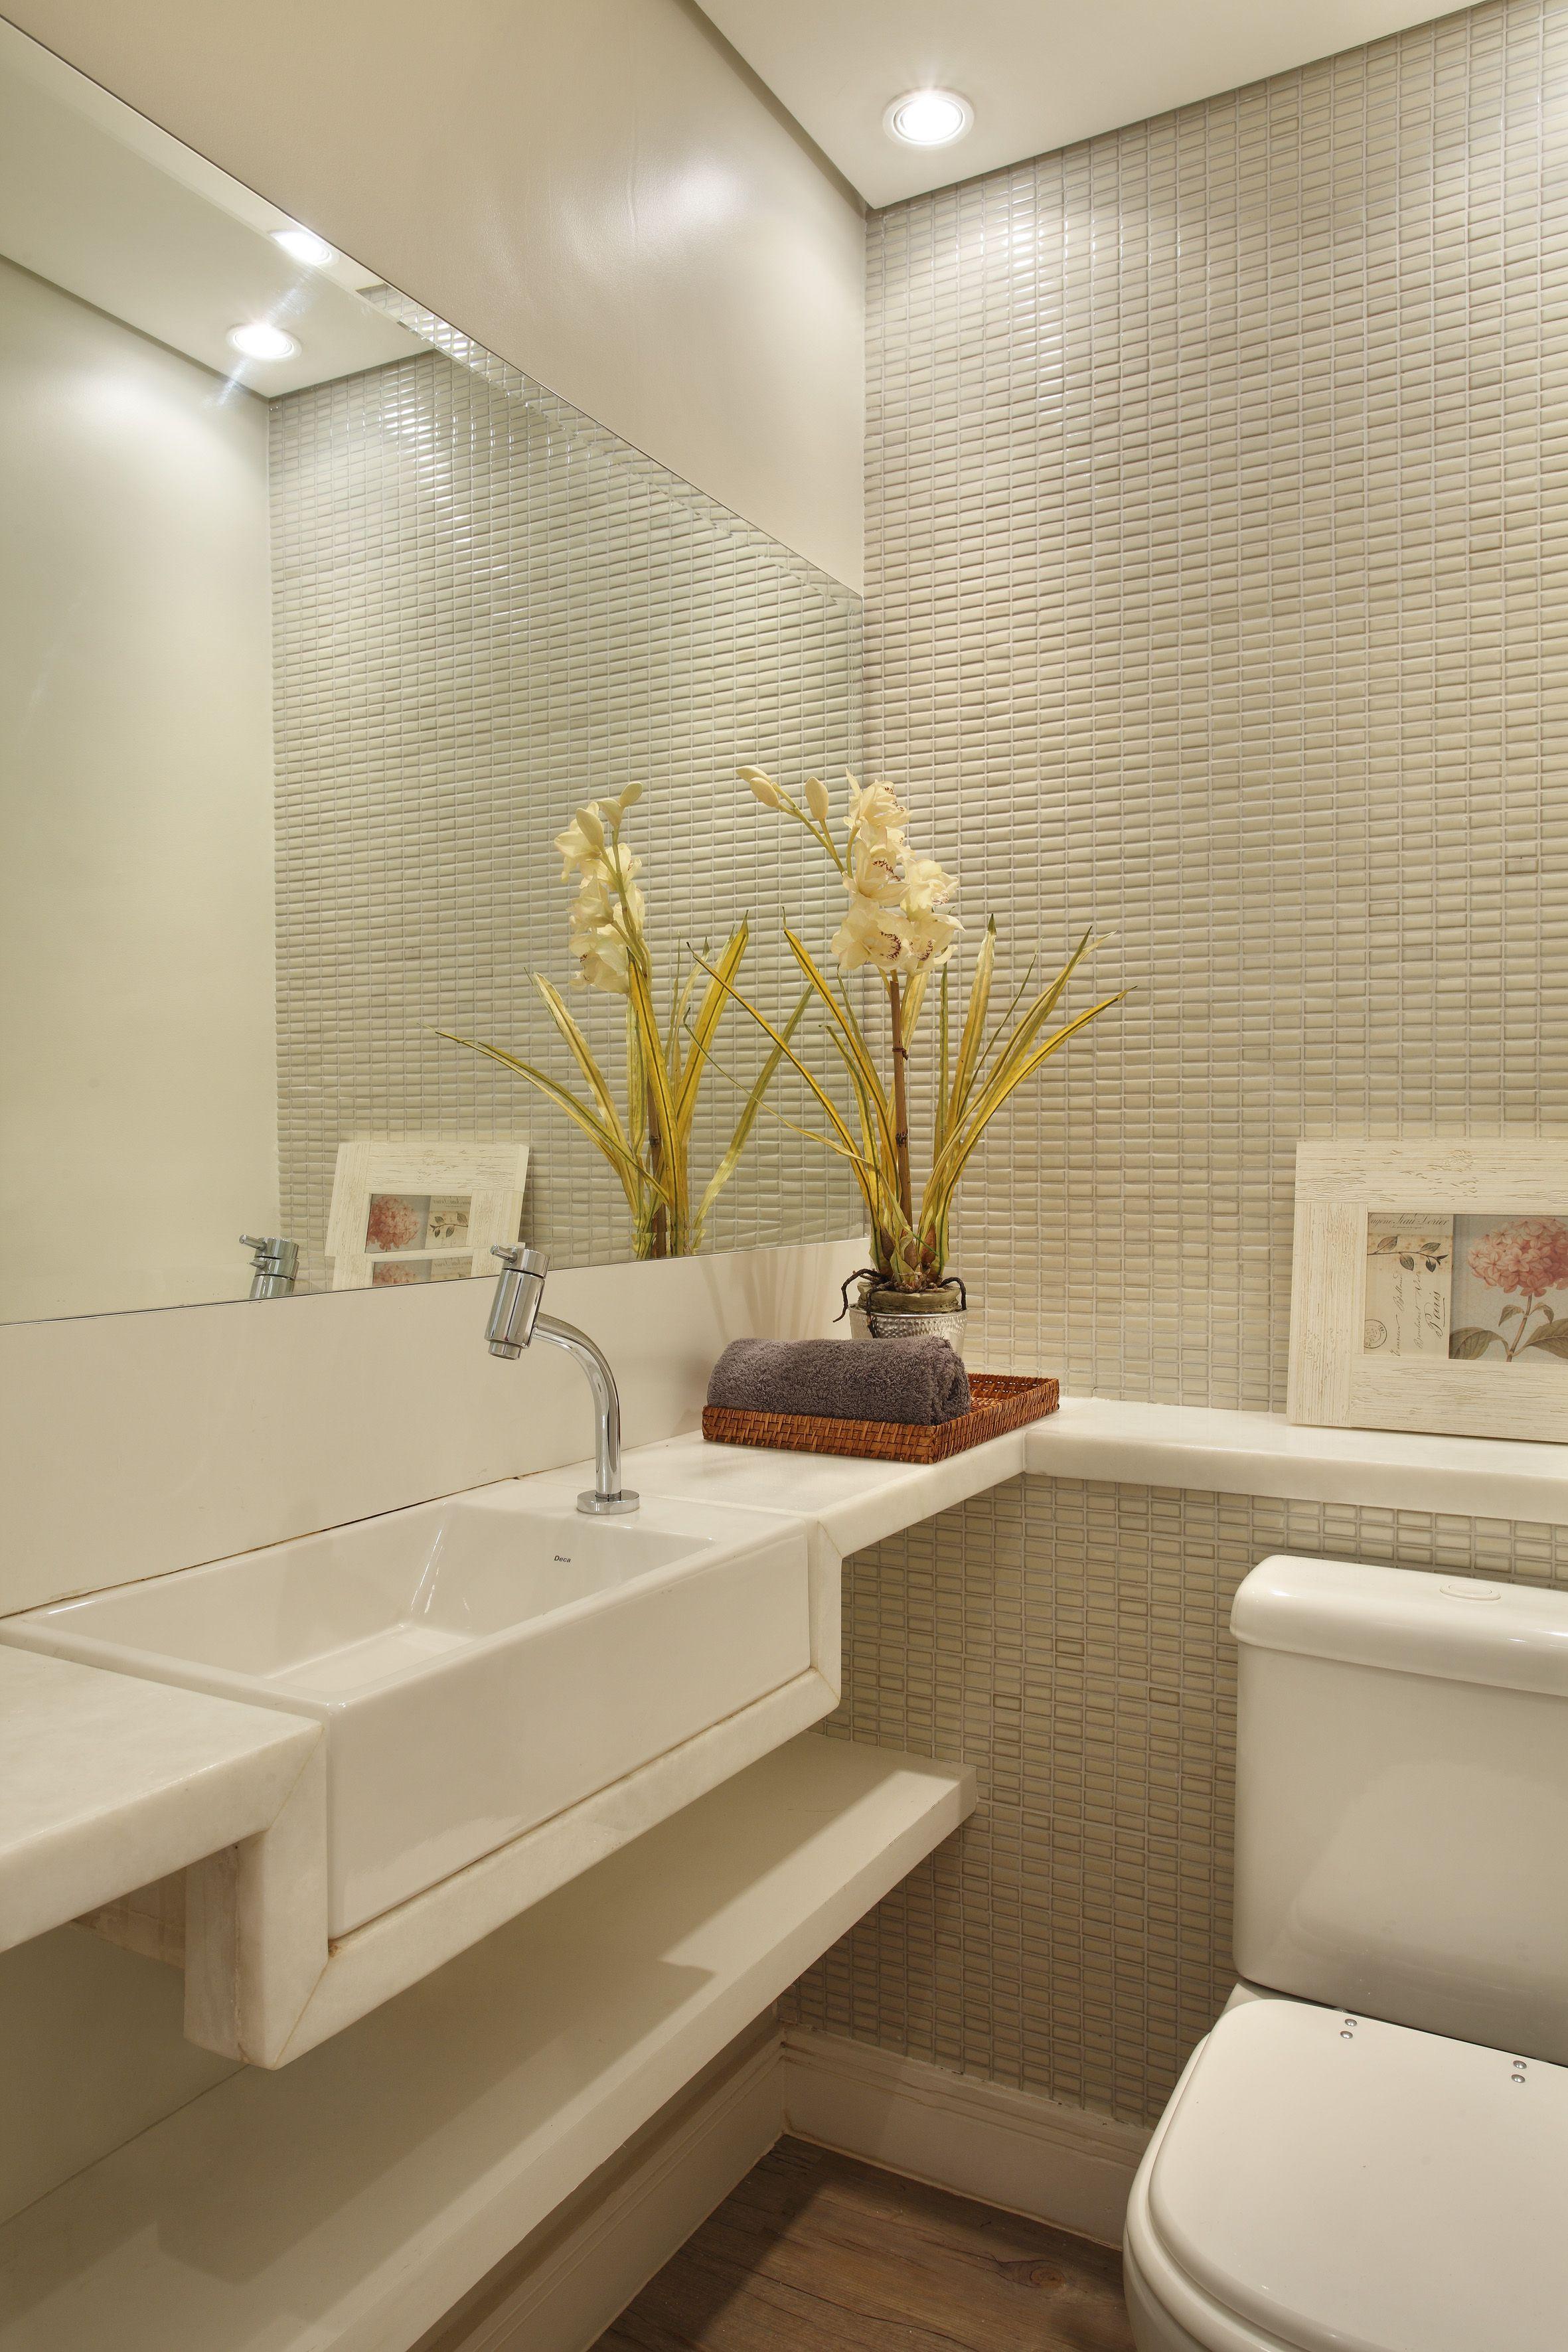 Banheiro  mármore branco  Banheiros  Pinterest  Banheiro marmore, Mármore -> Banheiros Modernos Marmore